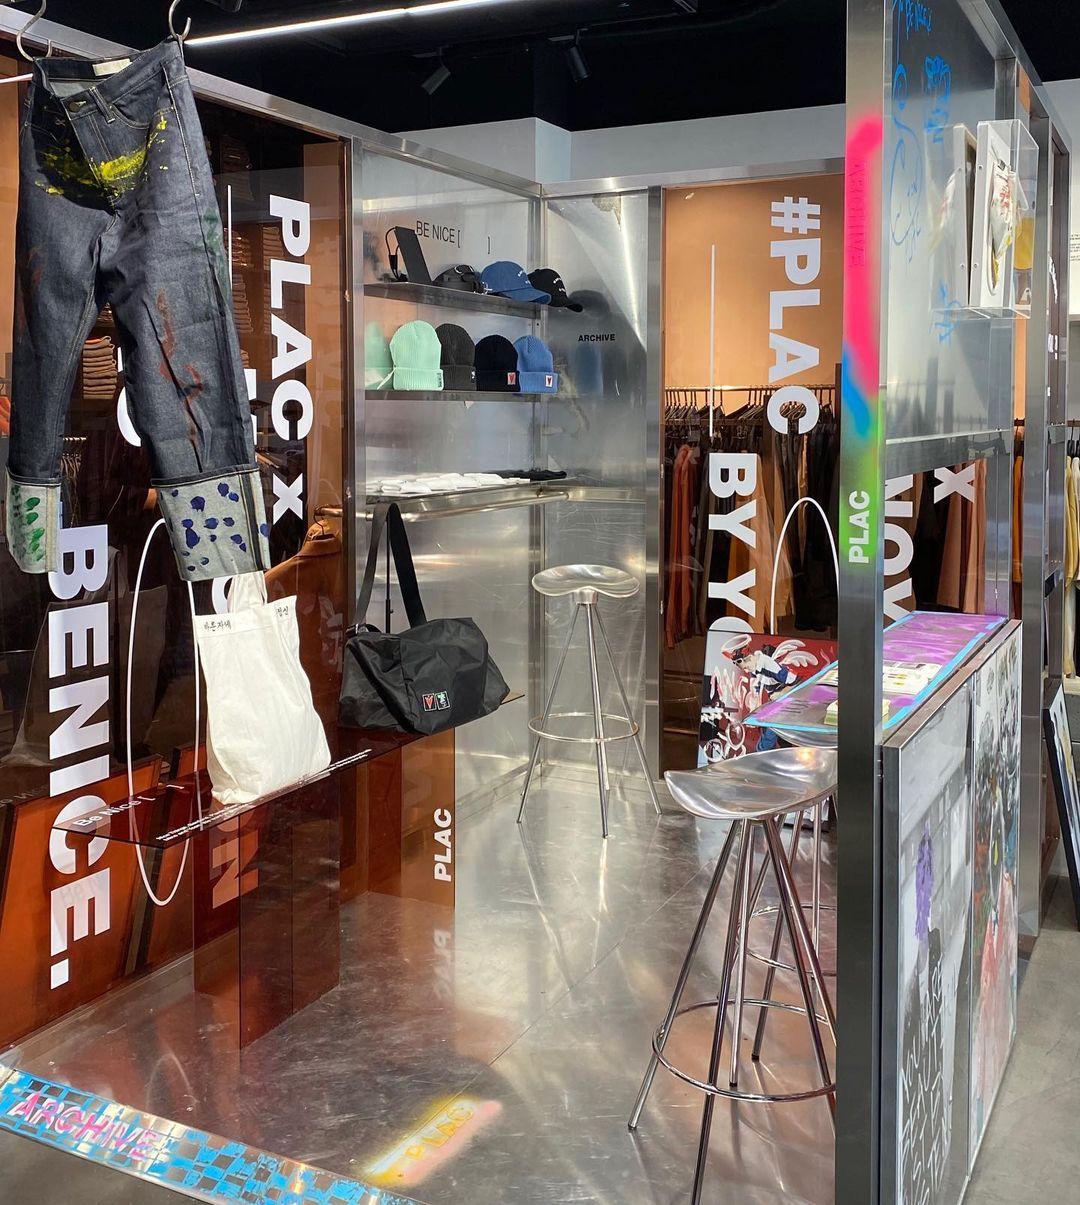 mino yoon exhibit 2